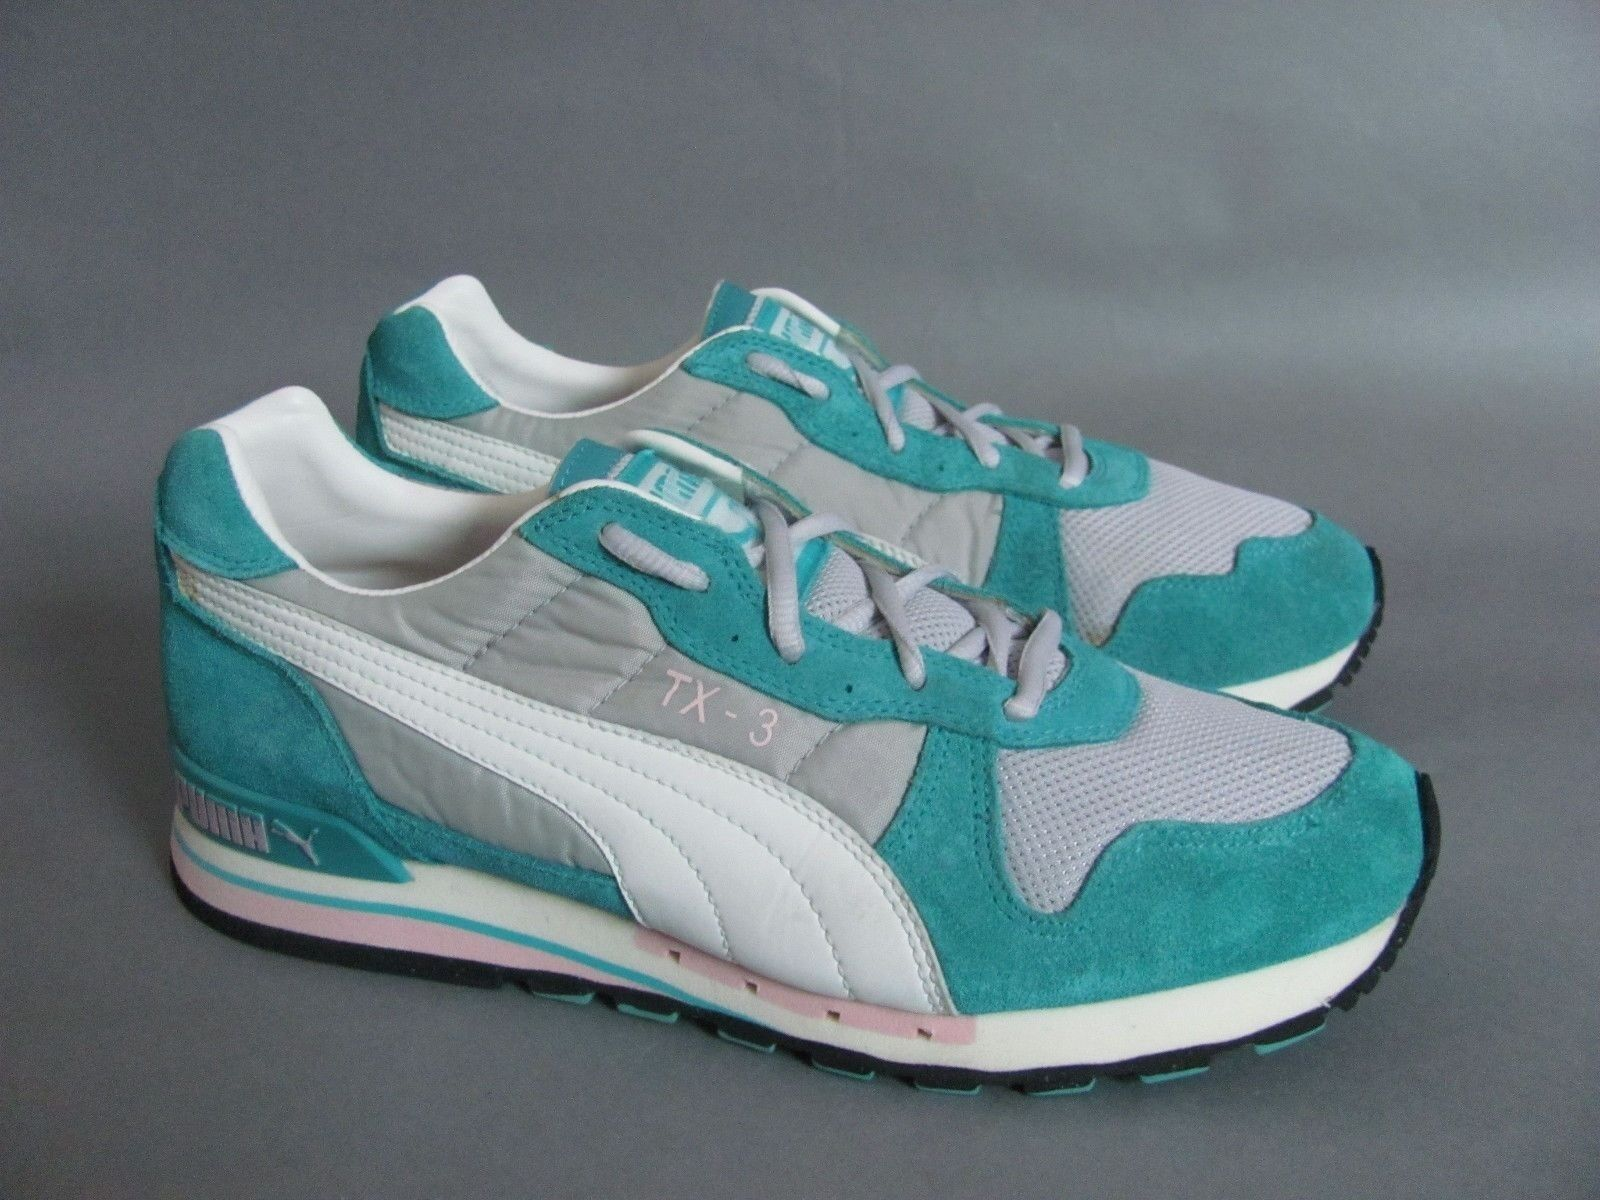 Puma TX-3 341542 03 Women's Running Trainers US 9